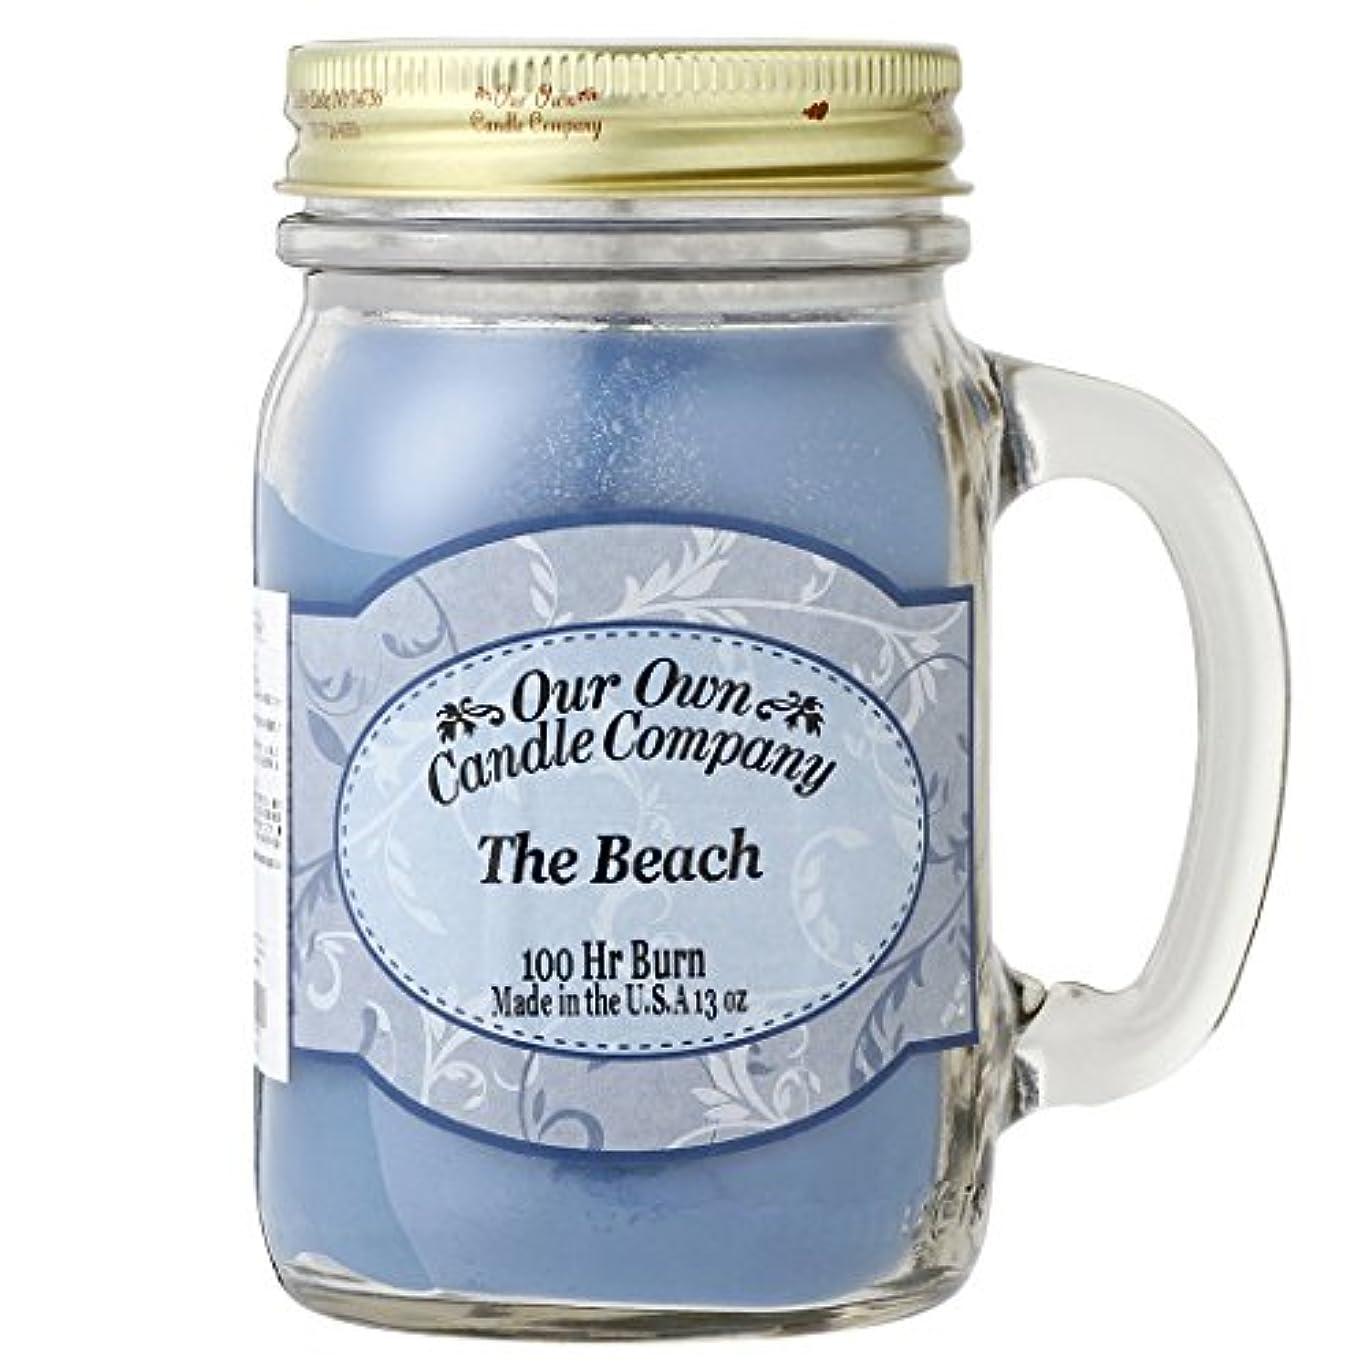 突撃実り多いおっとOur Own Candle Company メイソンジャーキャンドル ラージサイズ ザ?ビーチ OU100119